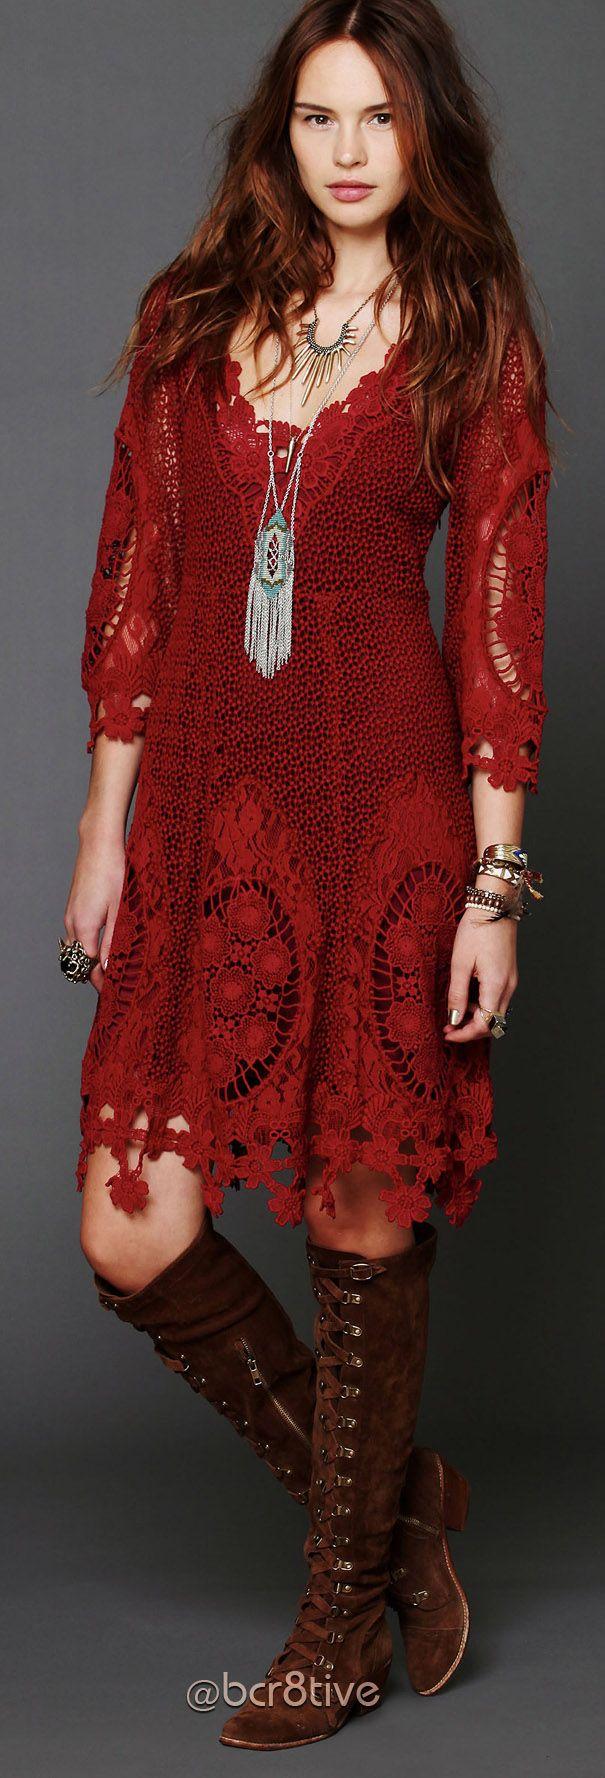 Res Lace Dress